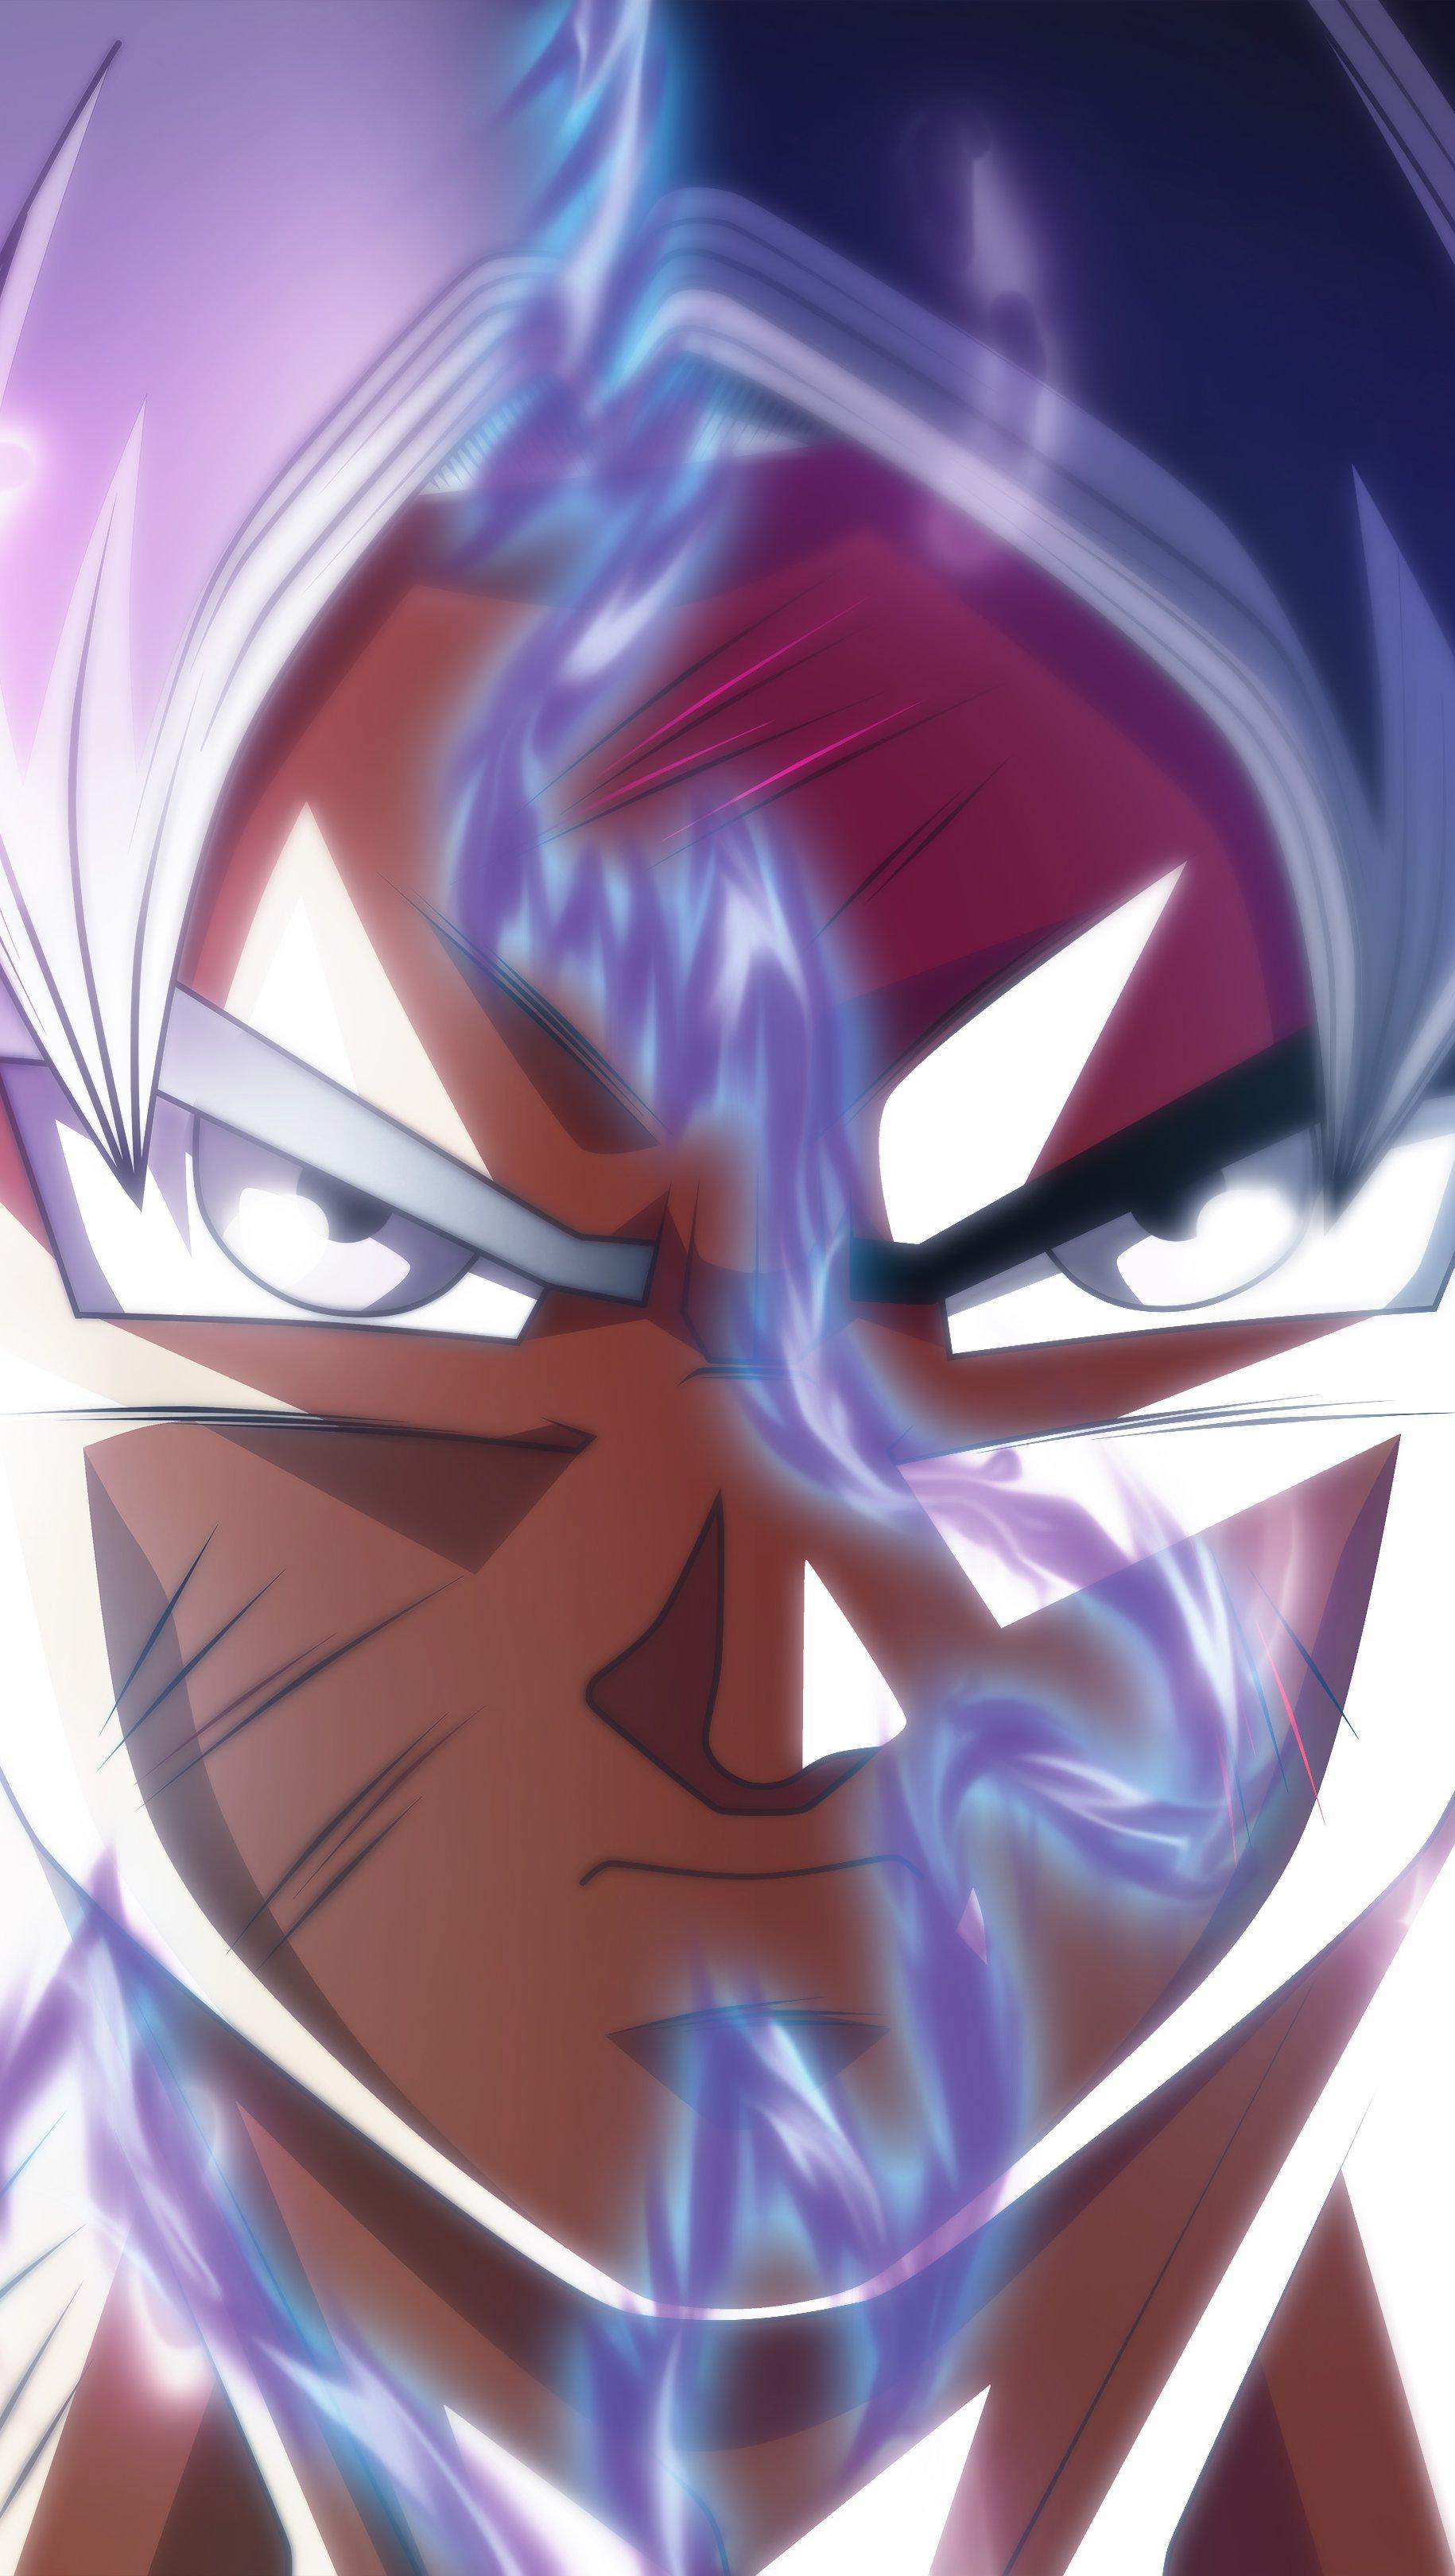 Fondos de pantalla Anime Goku Ultra Instinct Transformación Dragon Ball Super Vertical